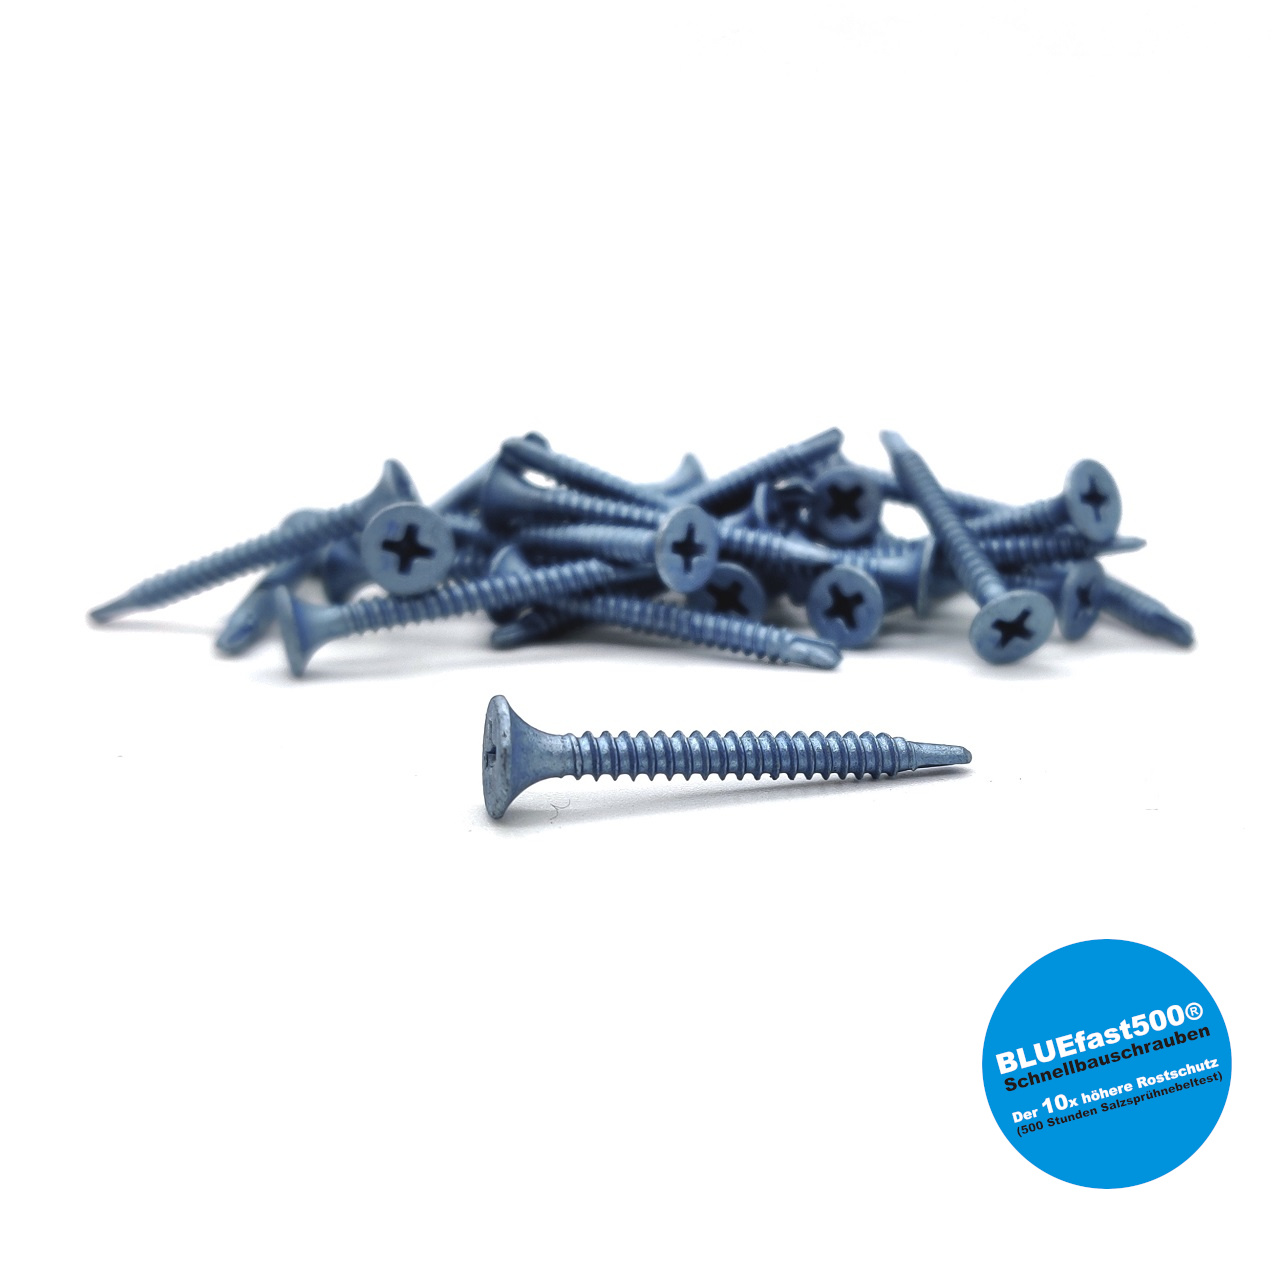 BLUEfast500® Schnellbauschrauben | Bohrspitze | 3,5x45 | 1.000 Stk